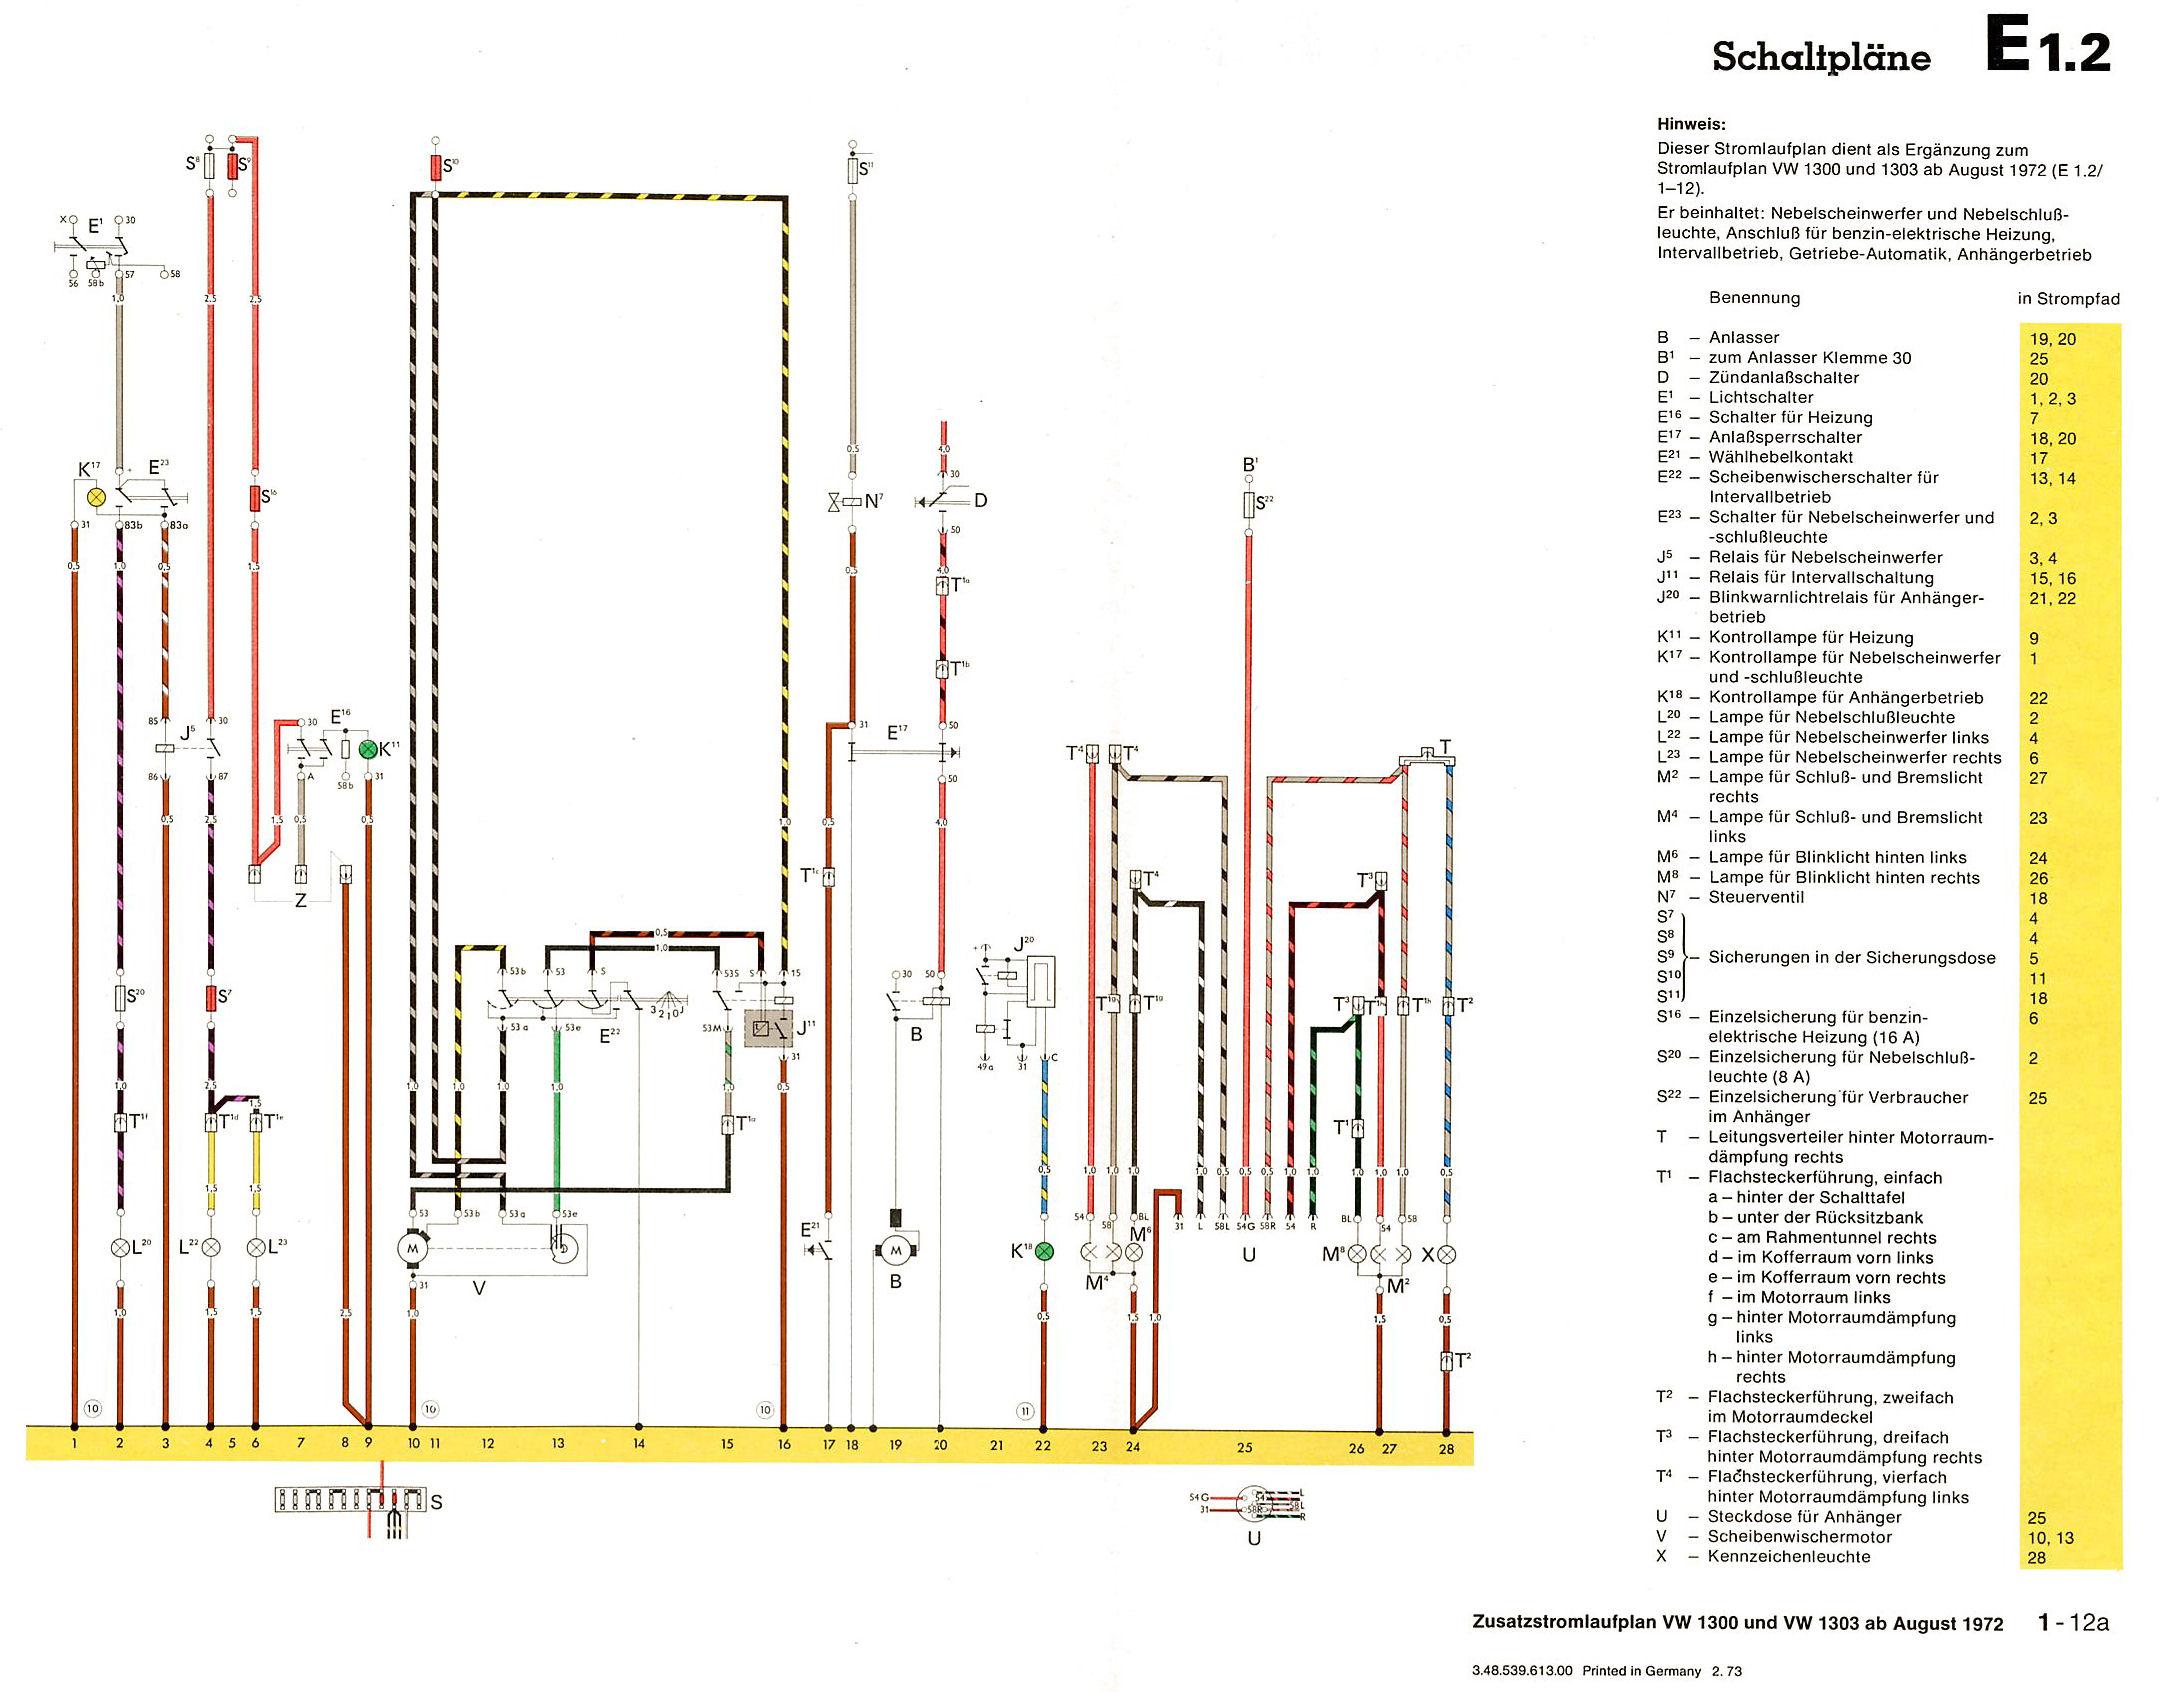 elektrischen Wischwassermotor über Lenkstockhebel betätigen ...